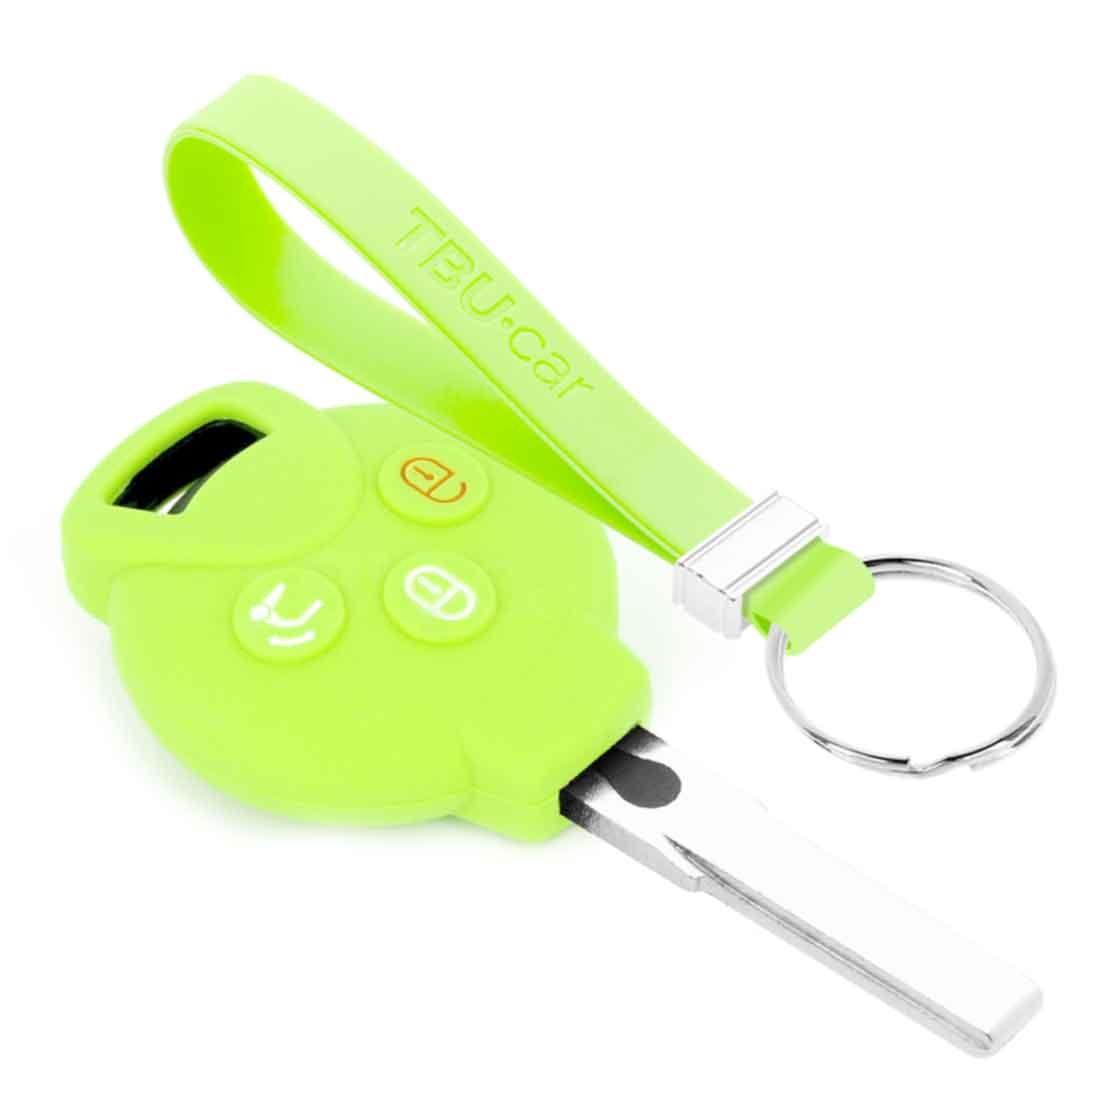 TBU car TBU car Autoschlüssel Hülle kompatibel mit Smart 3 Tasten - Schutzhülle aus Silikon - Auto Schlüsselhülle Cover in Im Dunkeln leuchten